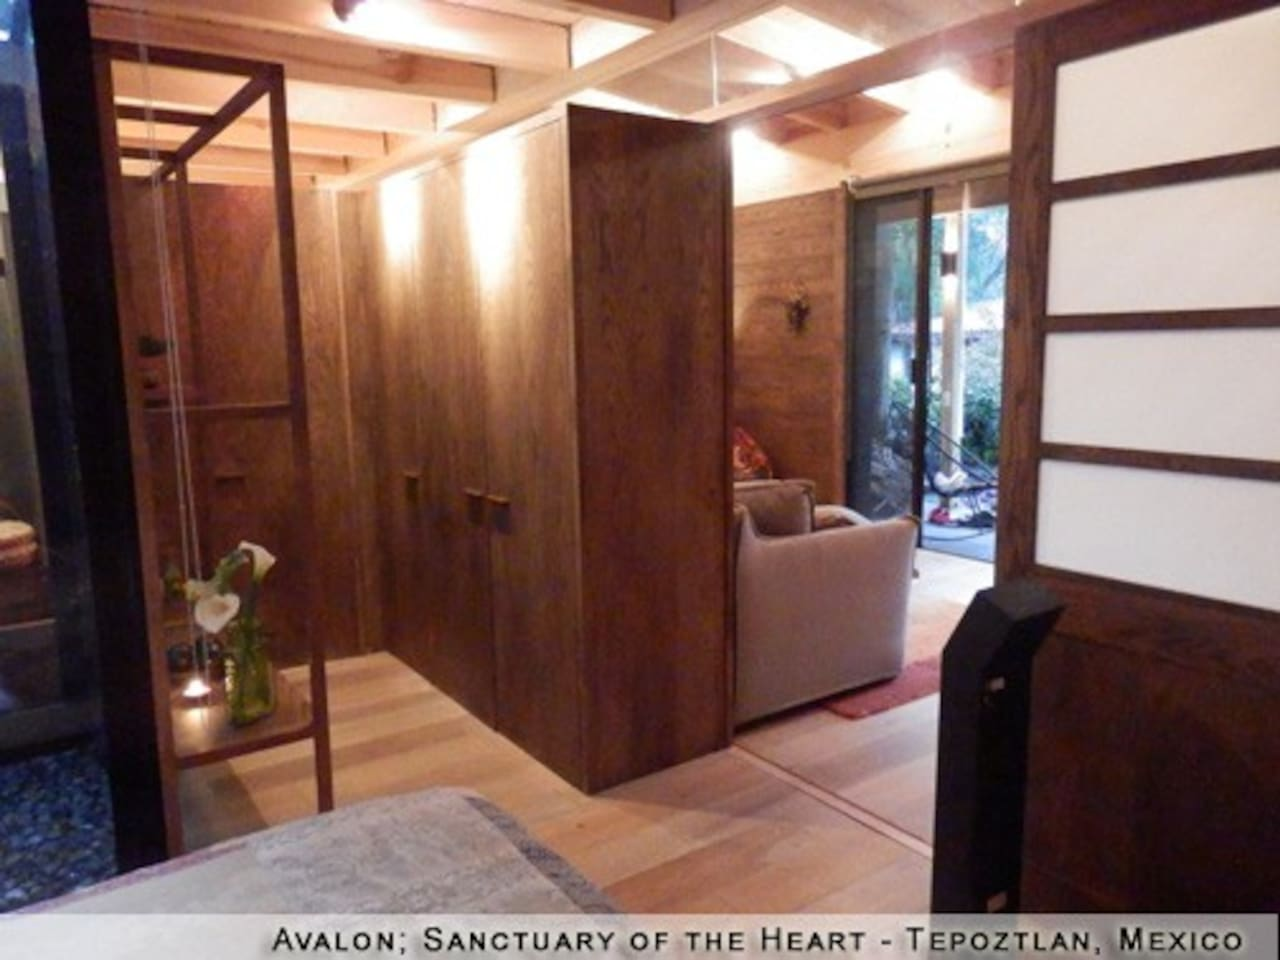 Santuario Avalon: Satori House - Bungalows for Rent in Tepoztlán ...